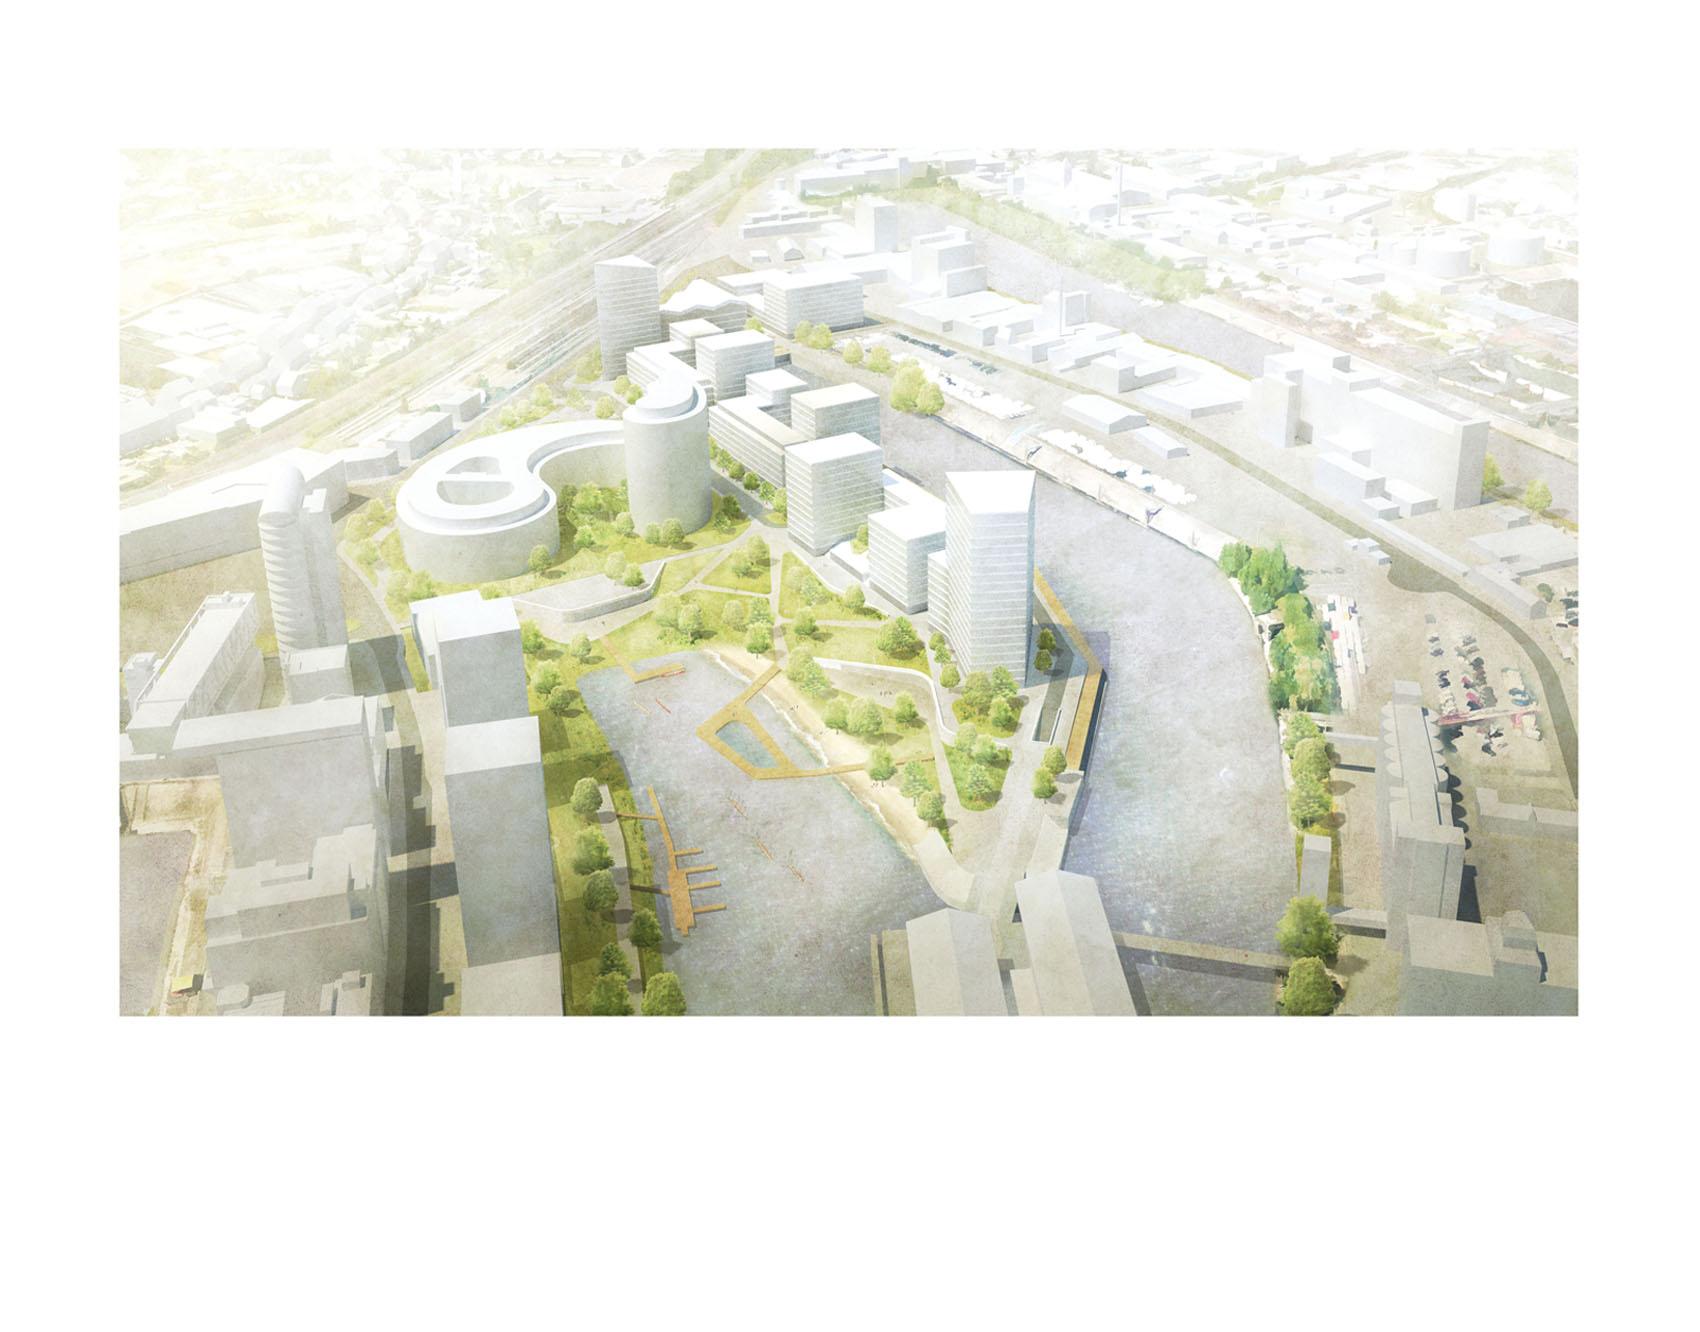 """03/2019<br>Unser Vorschlag für die Halbinsel Kesselstraße in Düsseldorf wurde der Öffentlichkeit vorgestellt.<br>Wir freuen uns über den positiven Bericht in der WZ!<br><br><a href=""""https://bit.ly/2CEJL5G""""target=""""_blank"""">Artikel</a>"""